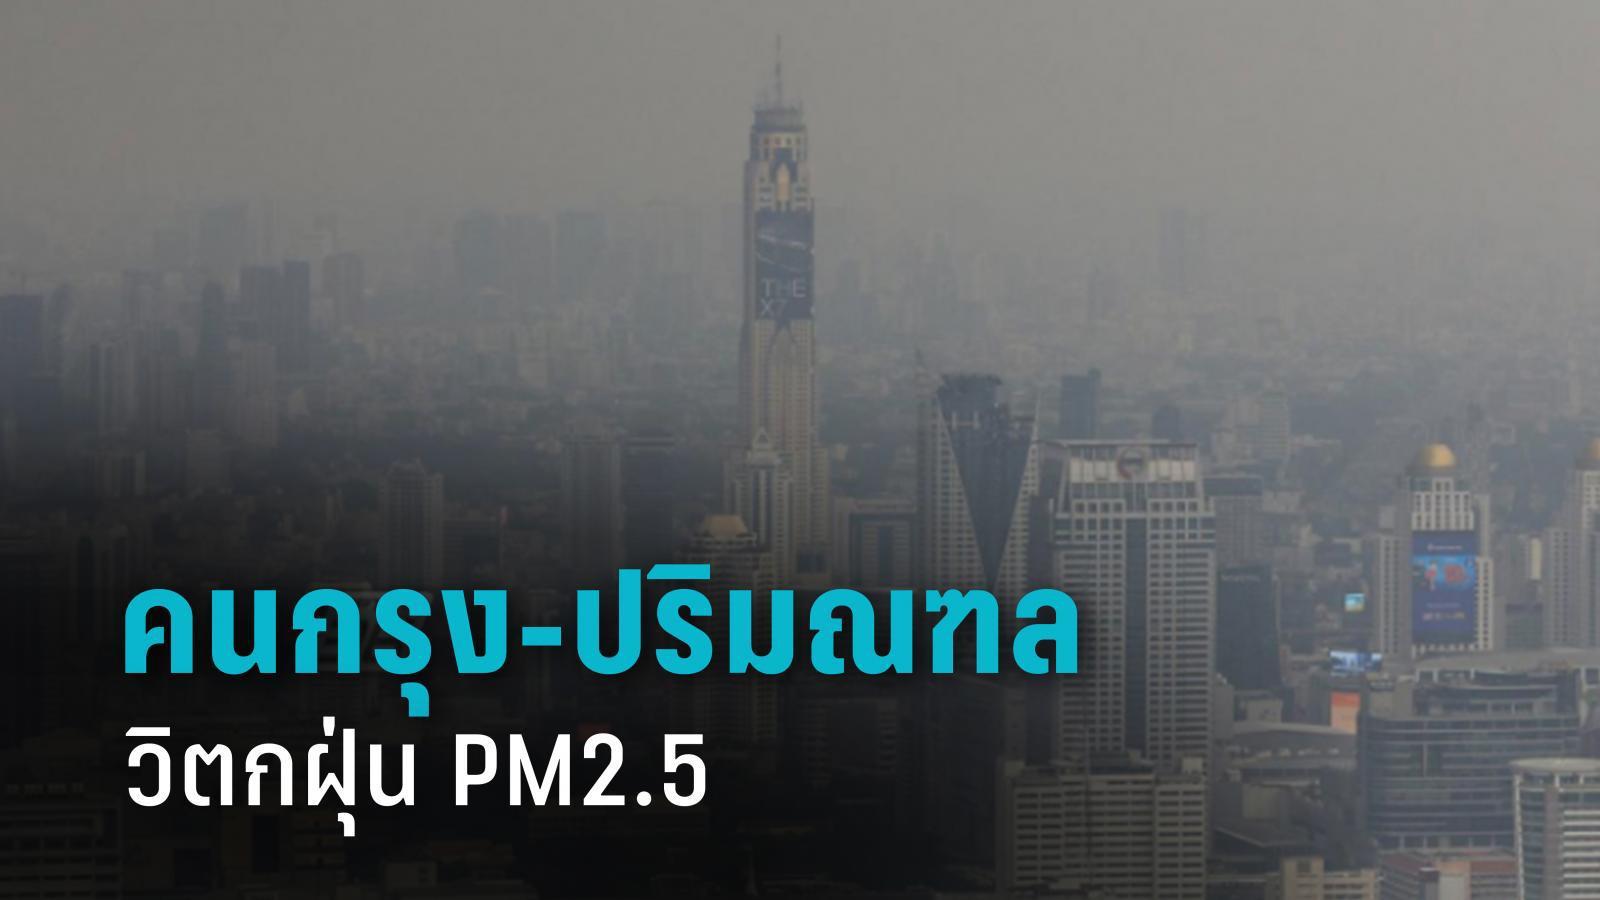 """""""อนามัยโพล"""" พบคนกรุง-ปริมณฑล วิตกฝุ่น PM2.5 ทำลายสุขภาพ"""